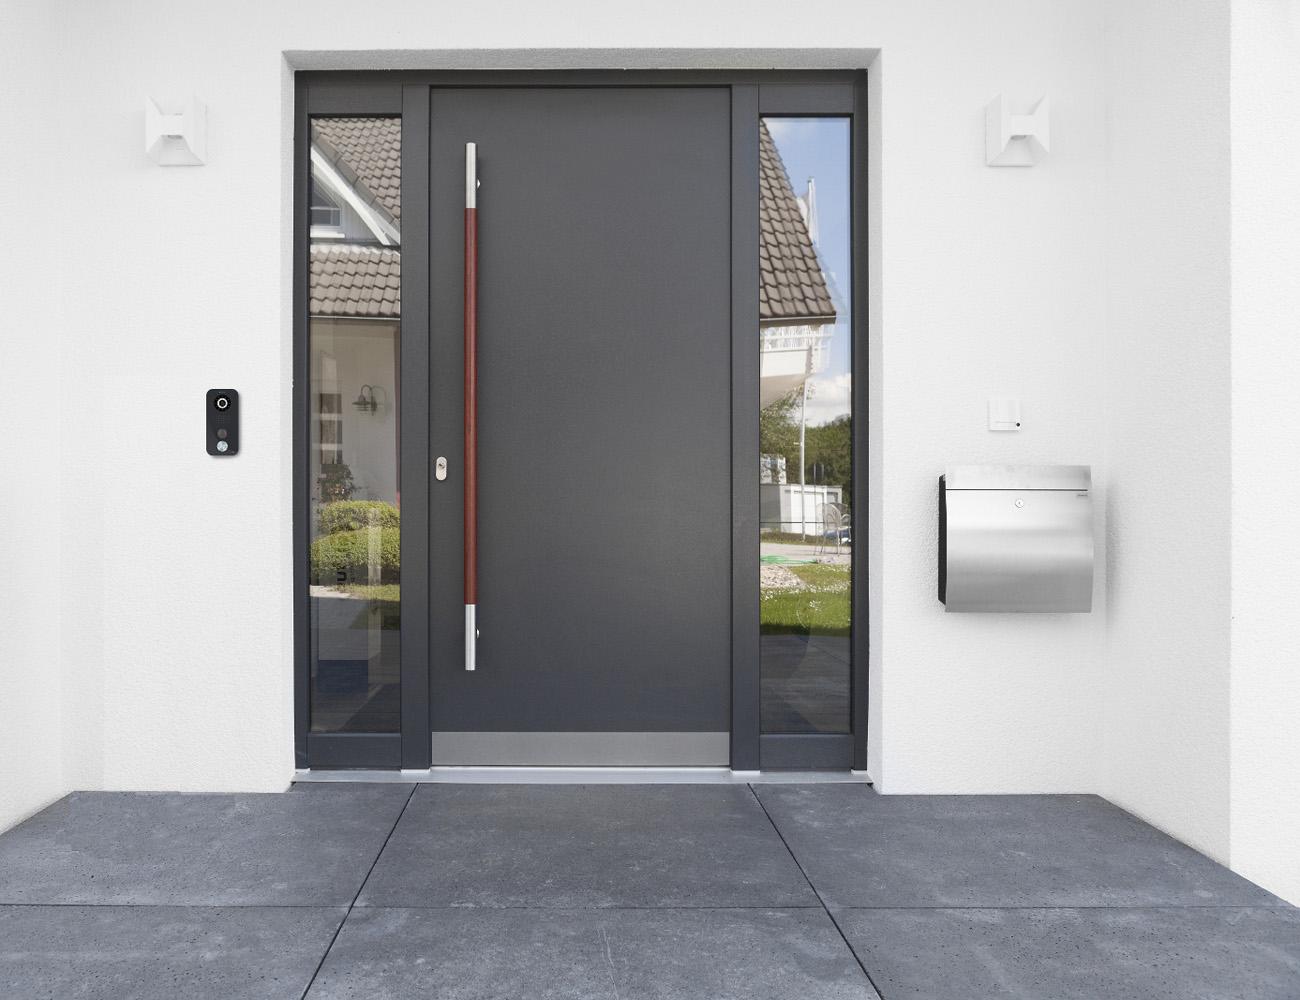 DoorBird Home Automation ... & DoorBird Home Automation » Gadget Flow